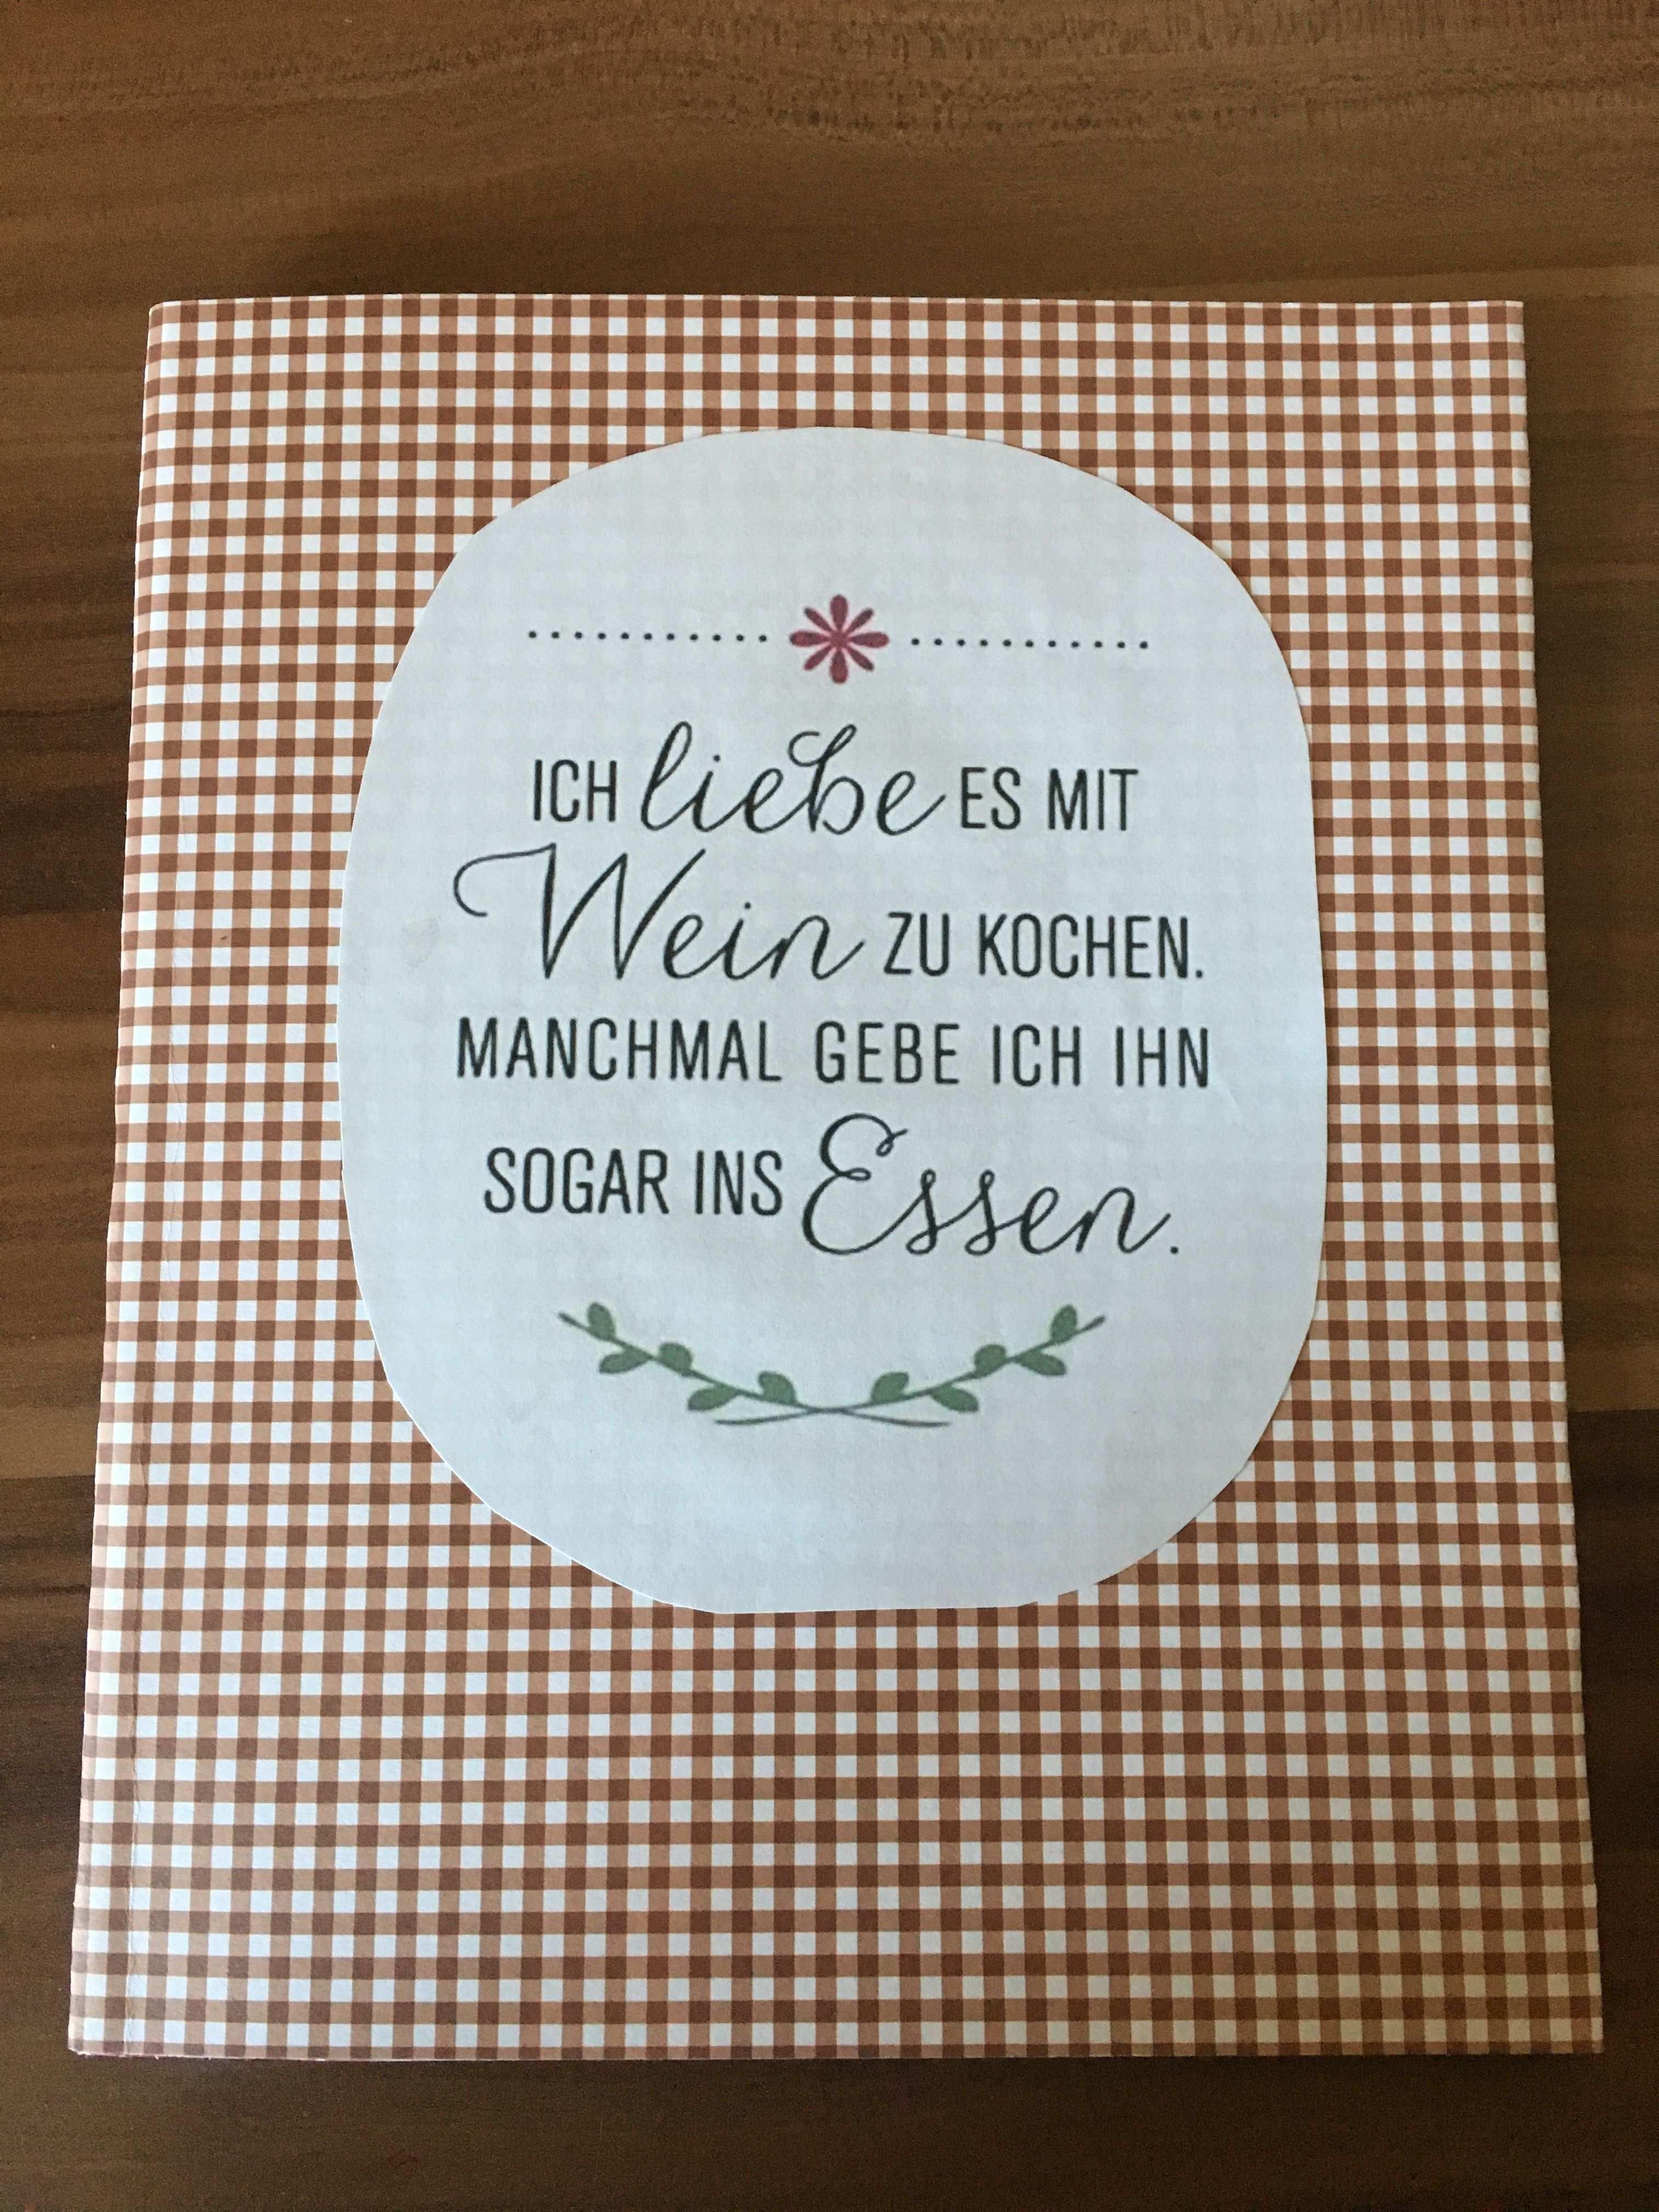 Kochbuch Mit Spruch Deckblatt Ich Liebe Es Mit Wein Zu Kochen Manchmal Gebe Ich Kochbuch Selbst Gestalten Vorlage Kochbuch Selbst Gestalten Kochbuch Vorlage